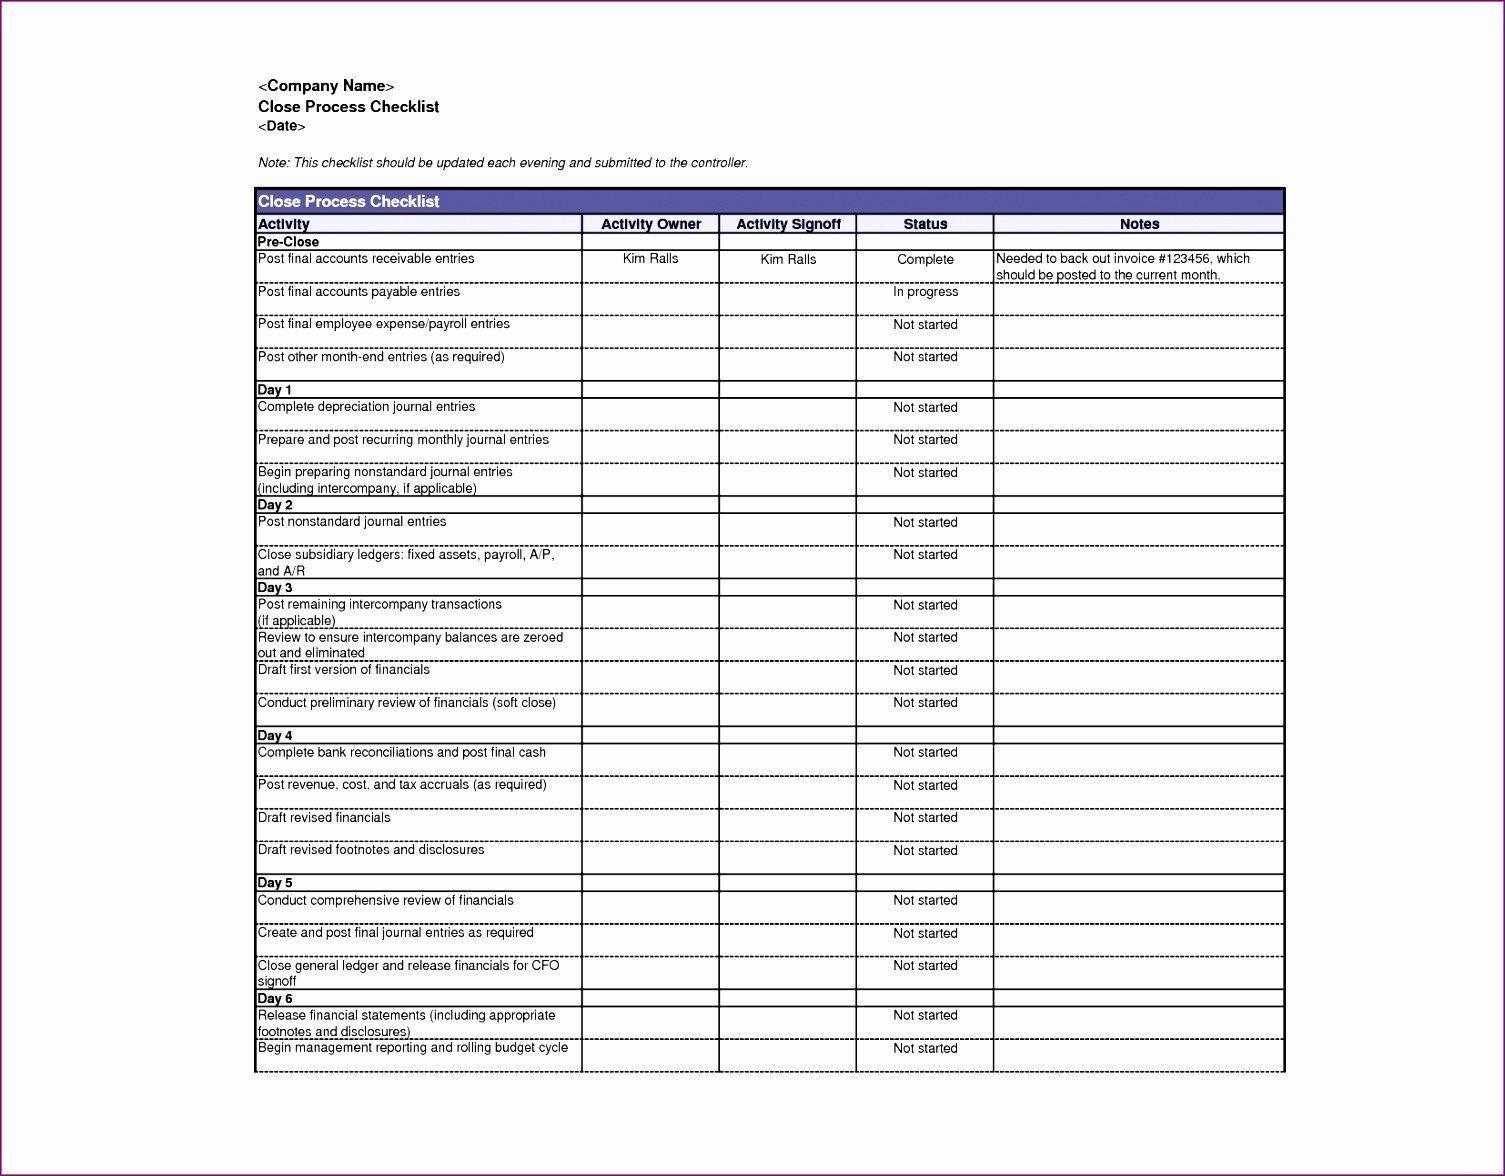 004 Best Free Event Planner Checklist Template Design  Planning PartyFull